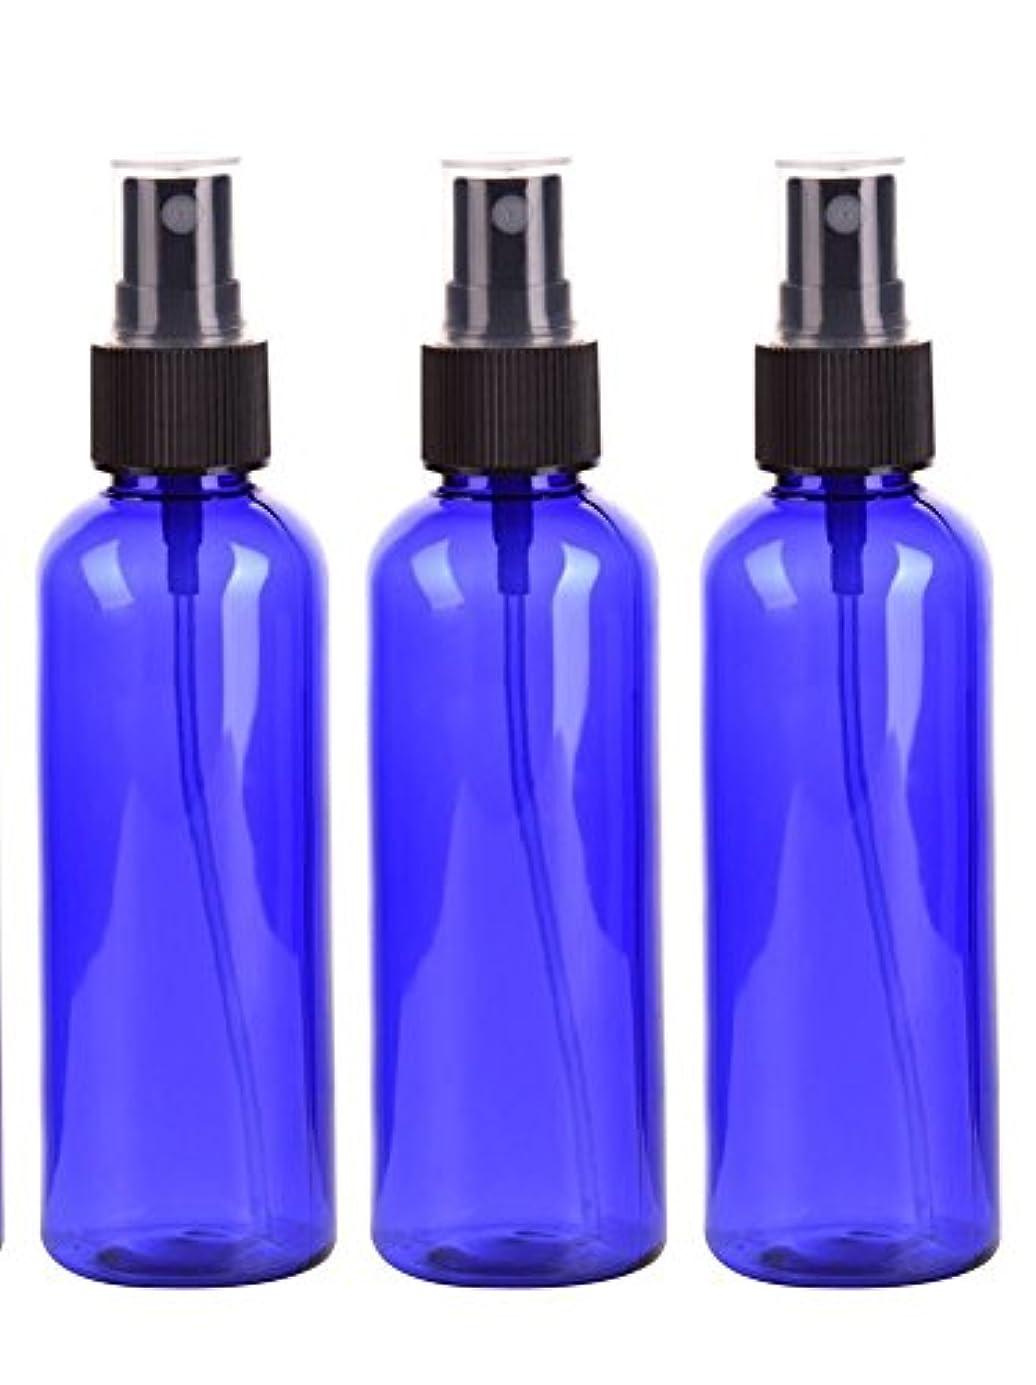 お客様レールプレゼンタースプレーボトル 50mL ブルー黒ヘッド プラスチック空容器 3本セット (青)